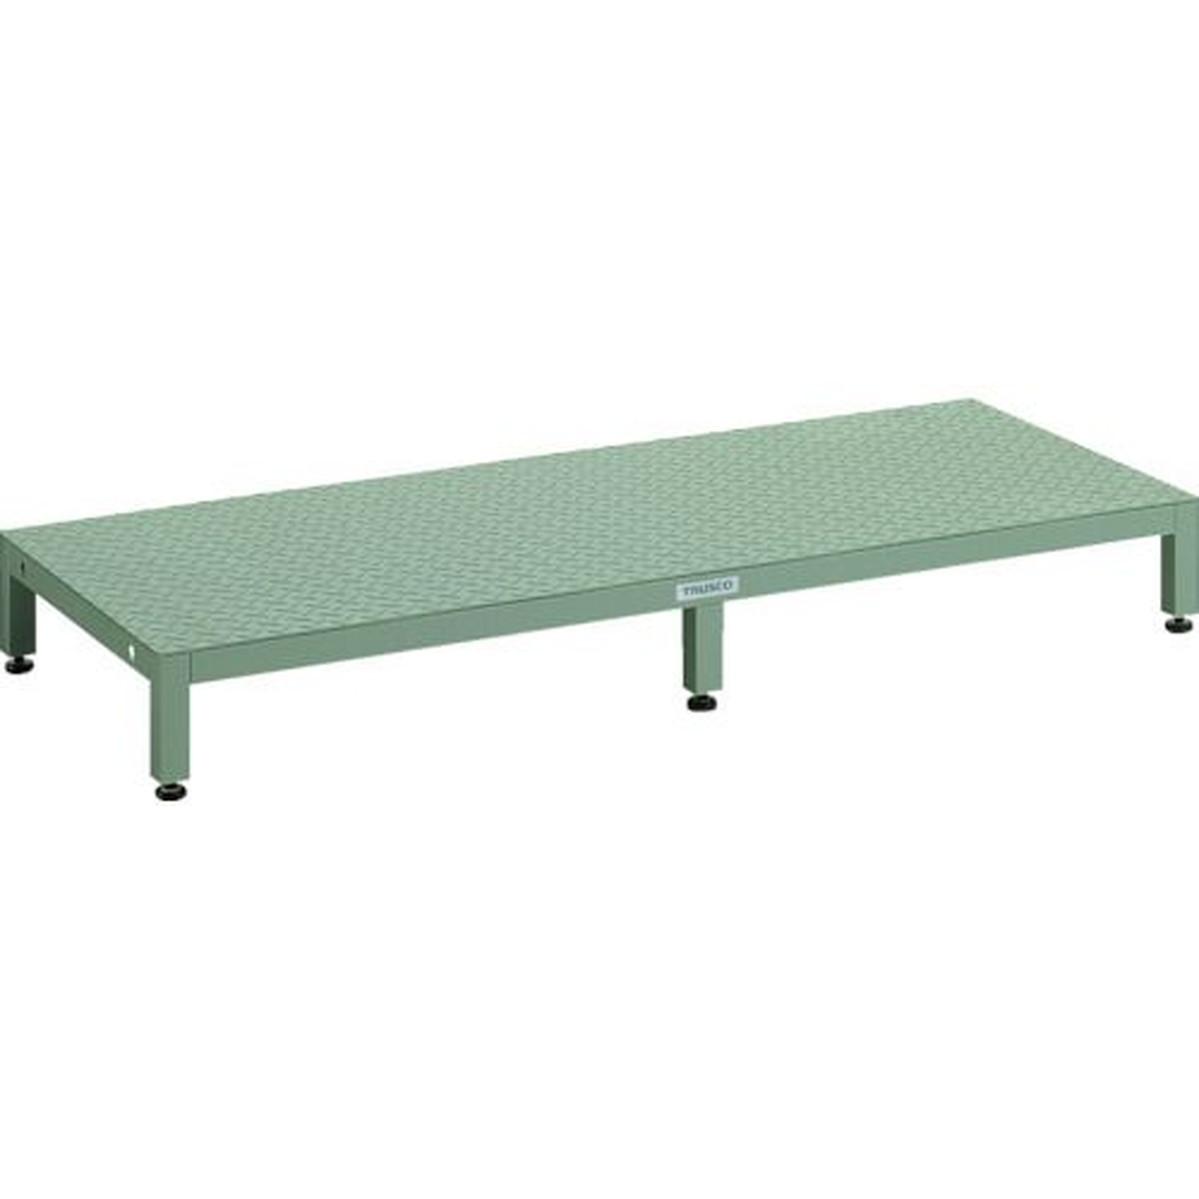 速くおよび自由な TRUSCO 1台 高床用縞鋼板ステップ TRUSCO 1500X600XH190~220 1台, SHiBA流:be2cc6a7 --- sequinca.net